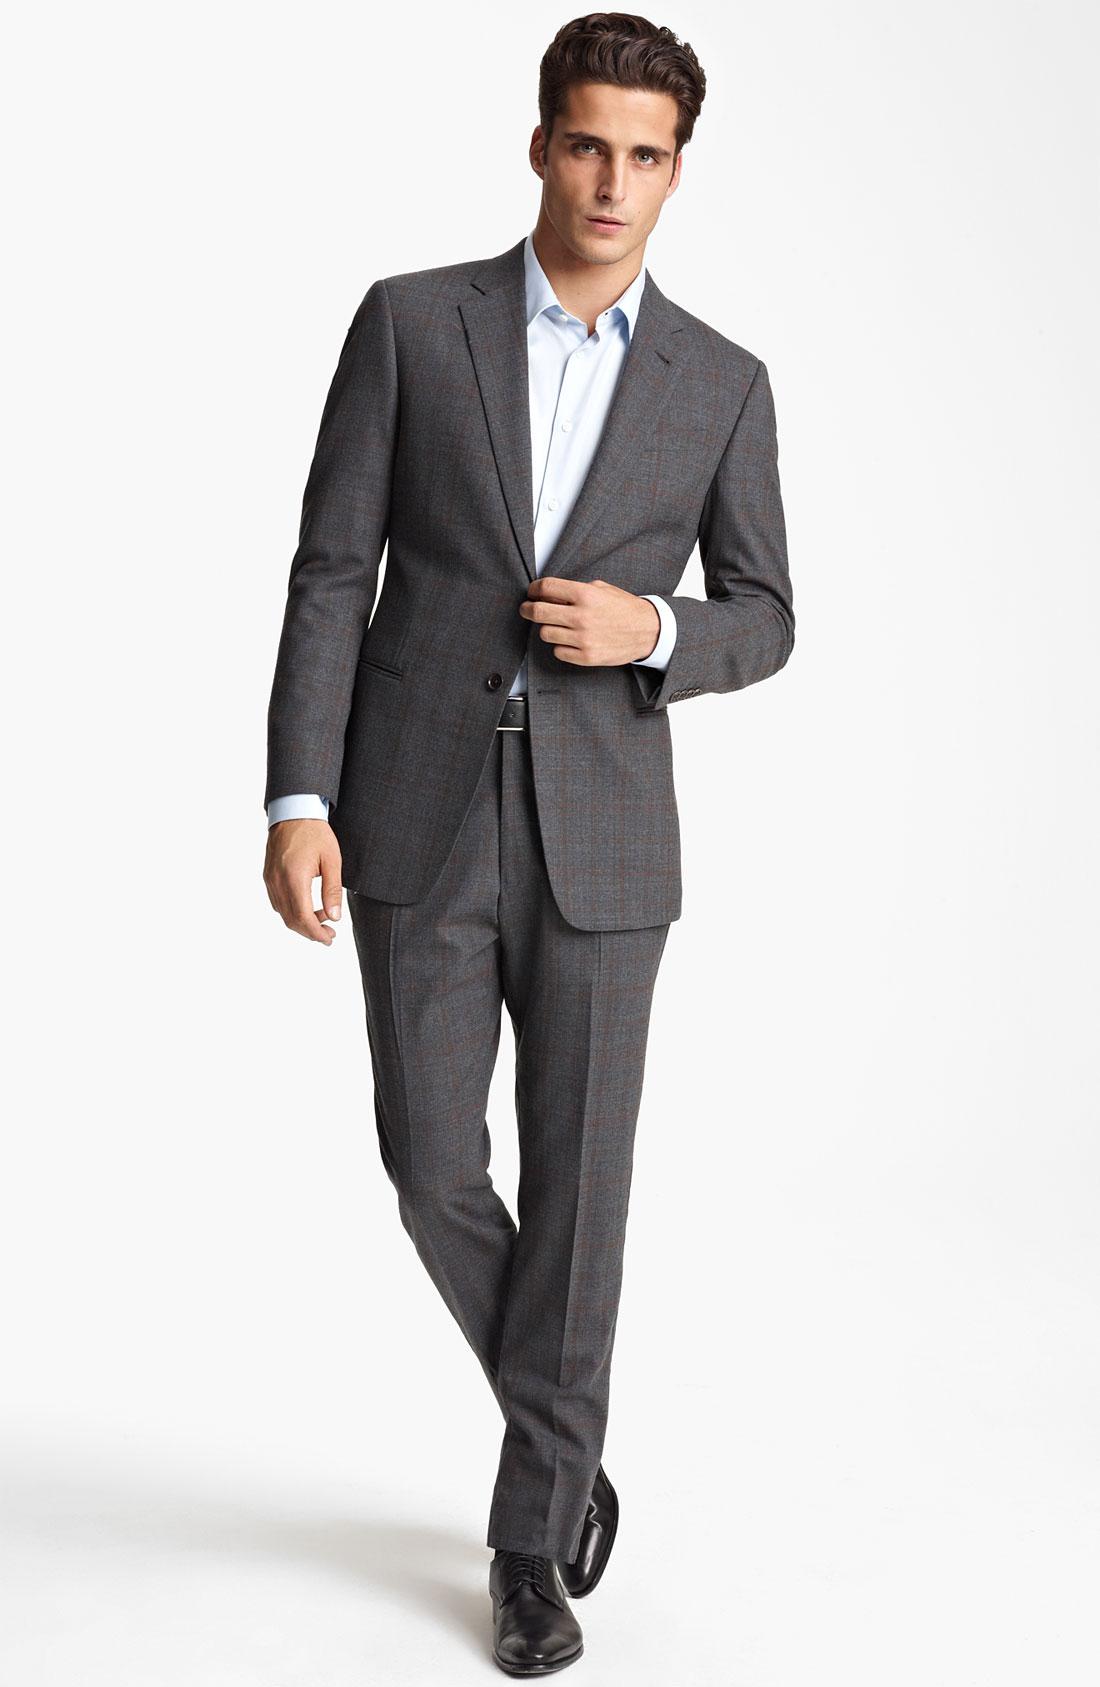 Armani 3 piece suits